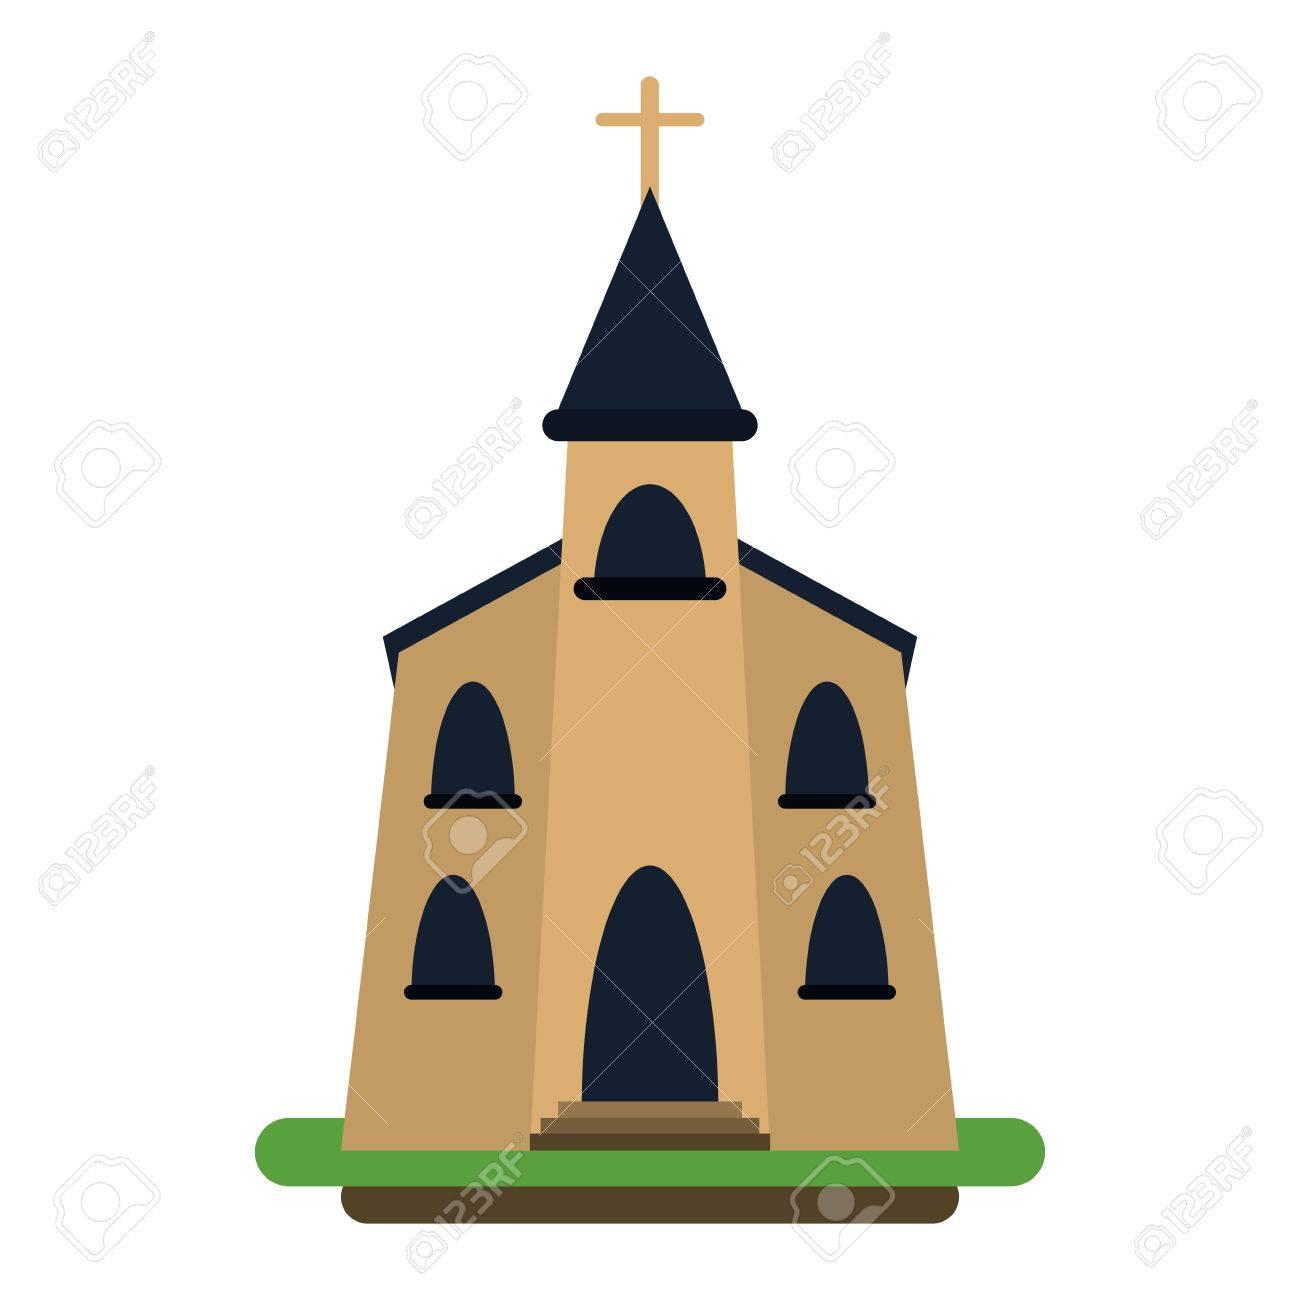 教会の宗教キリスト教ベクトル イラスト Eps 10 の建物のイラスト素材